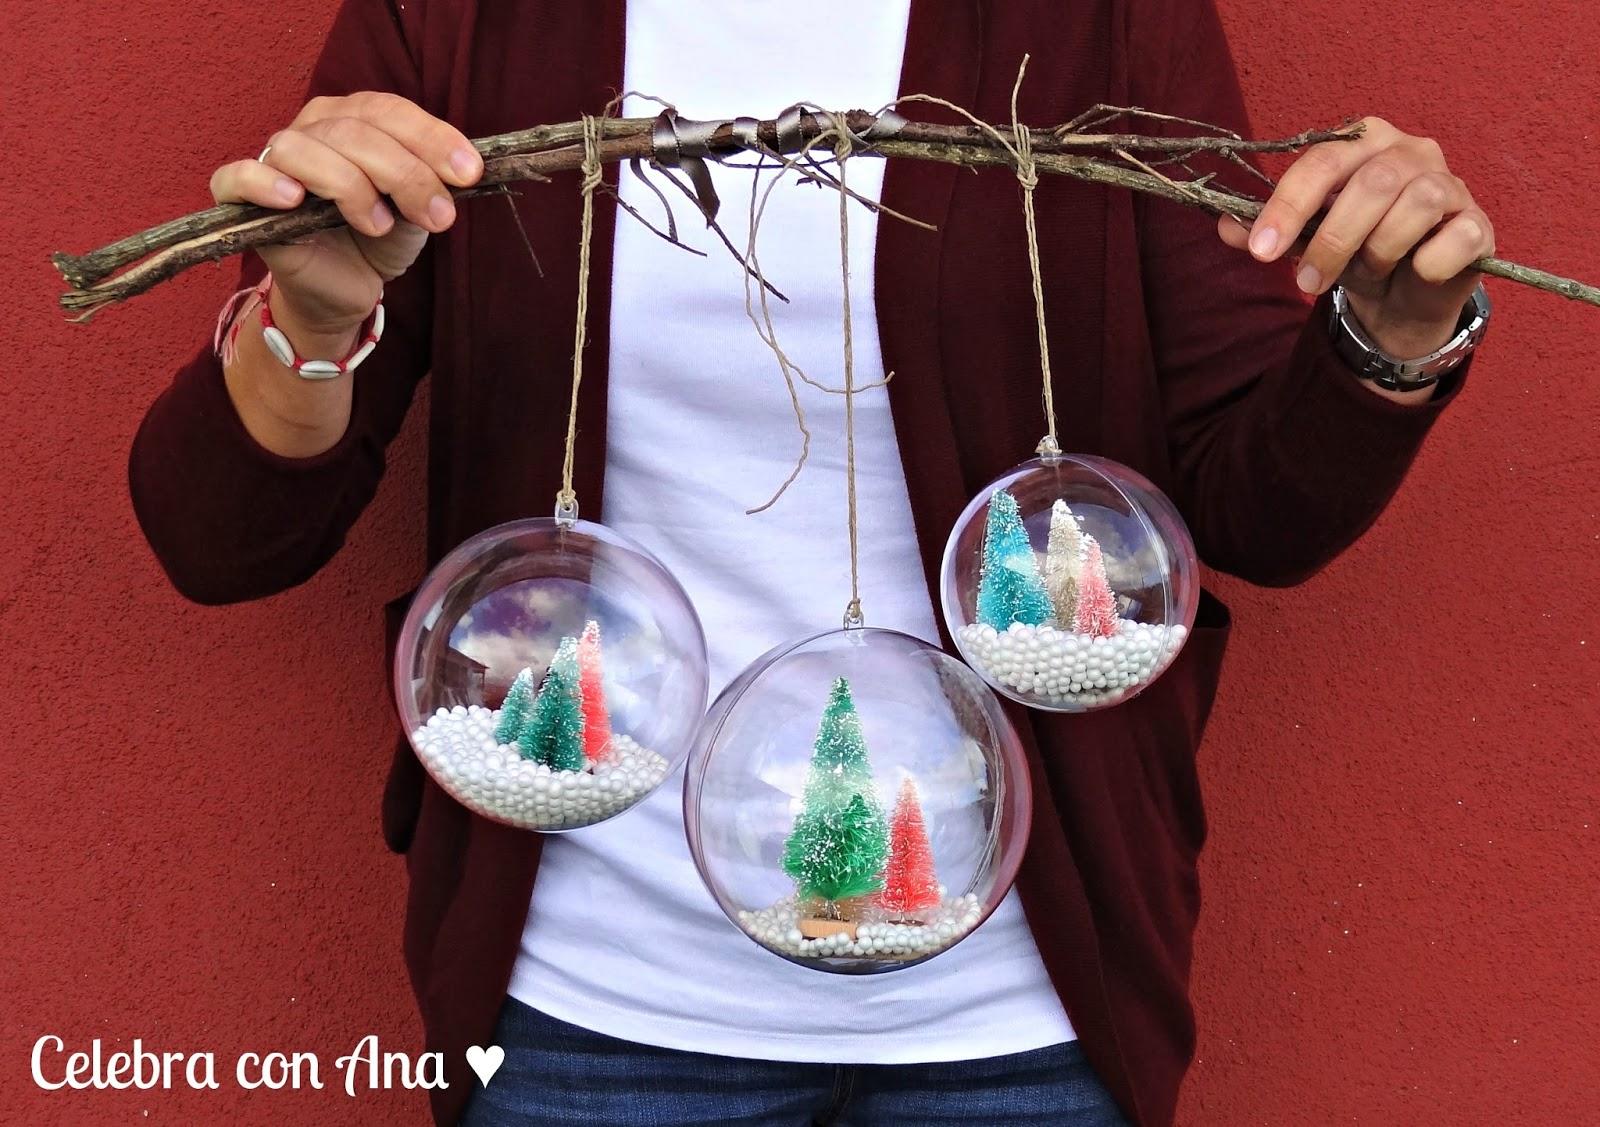 Celebra con ana compartiendo experiencias creativas bolas transparentes de navidad - Manualidades bolas de navidad ...